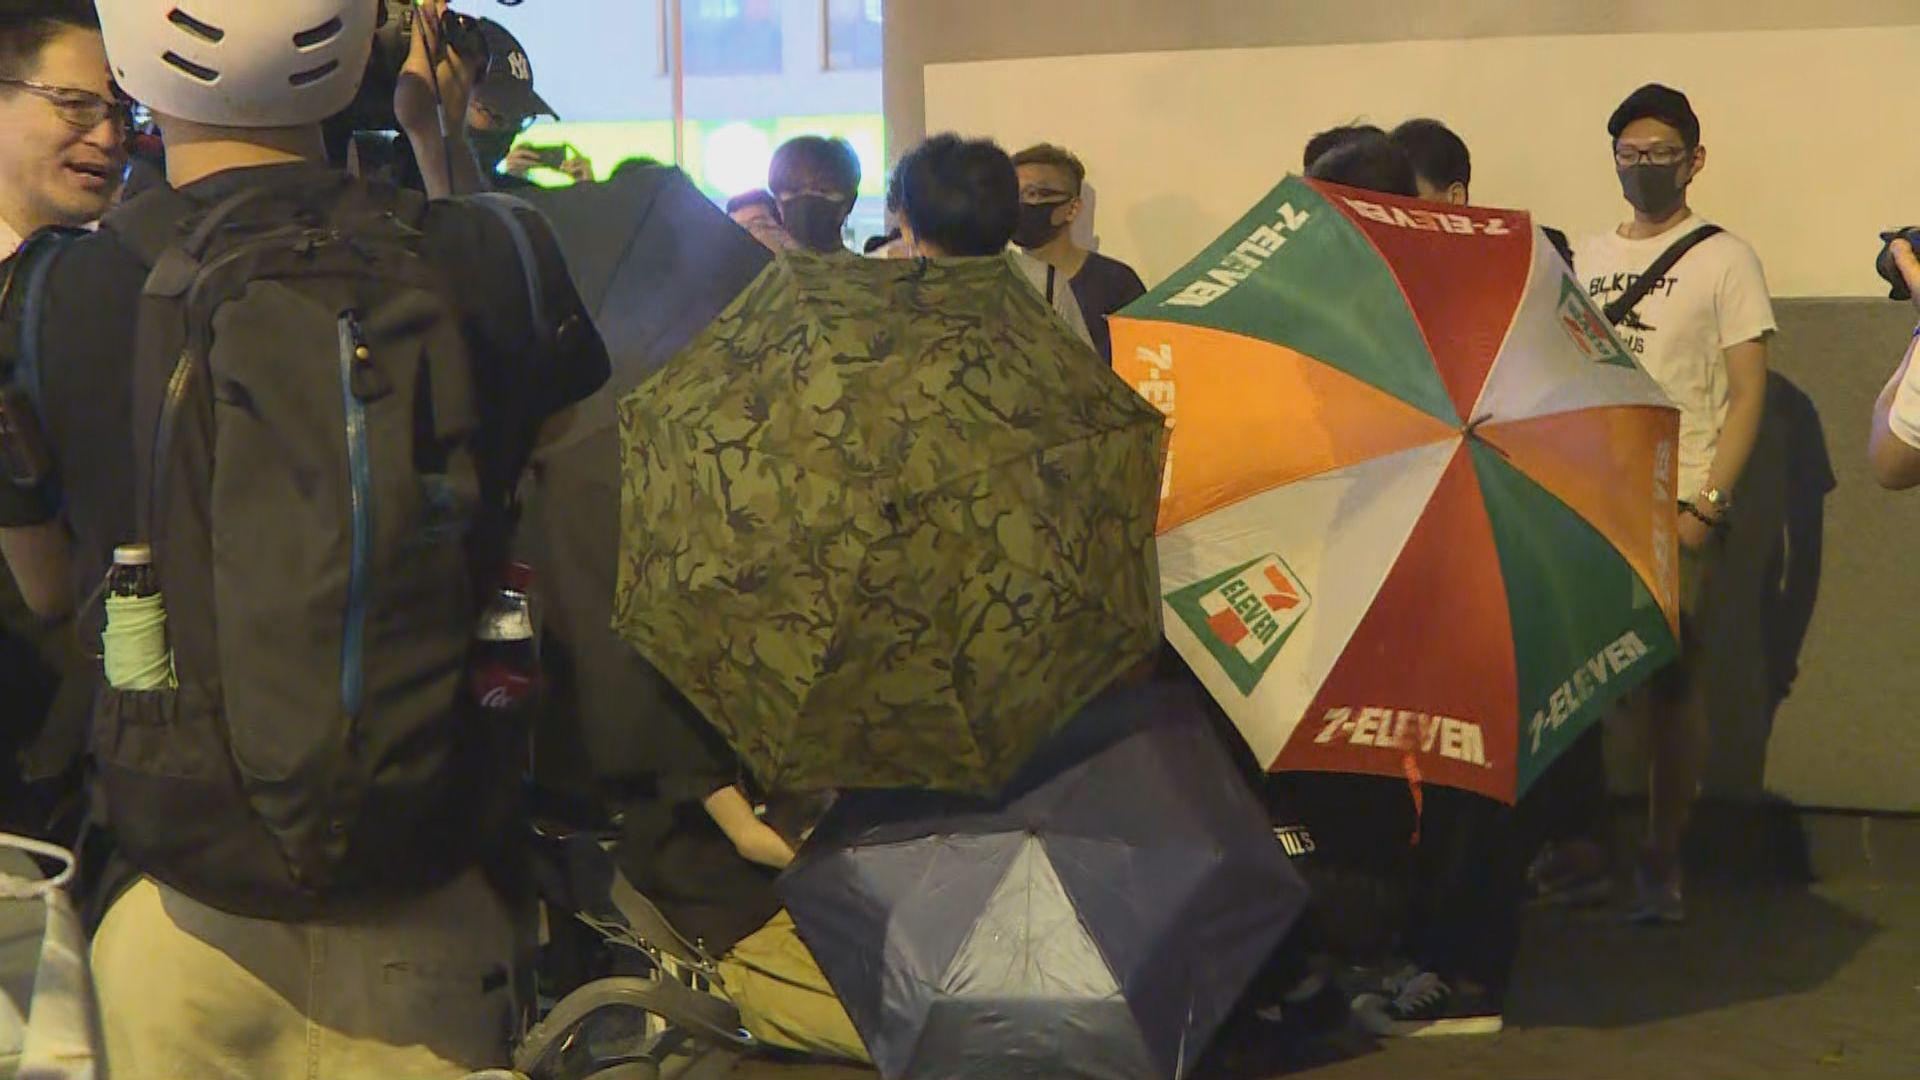 旺角警署外再有示威者聚集及縱火